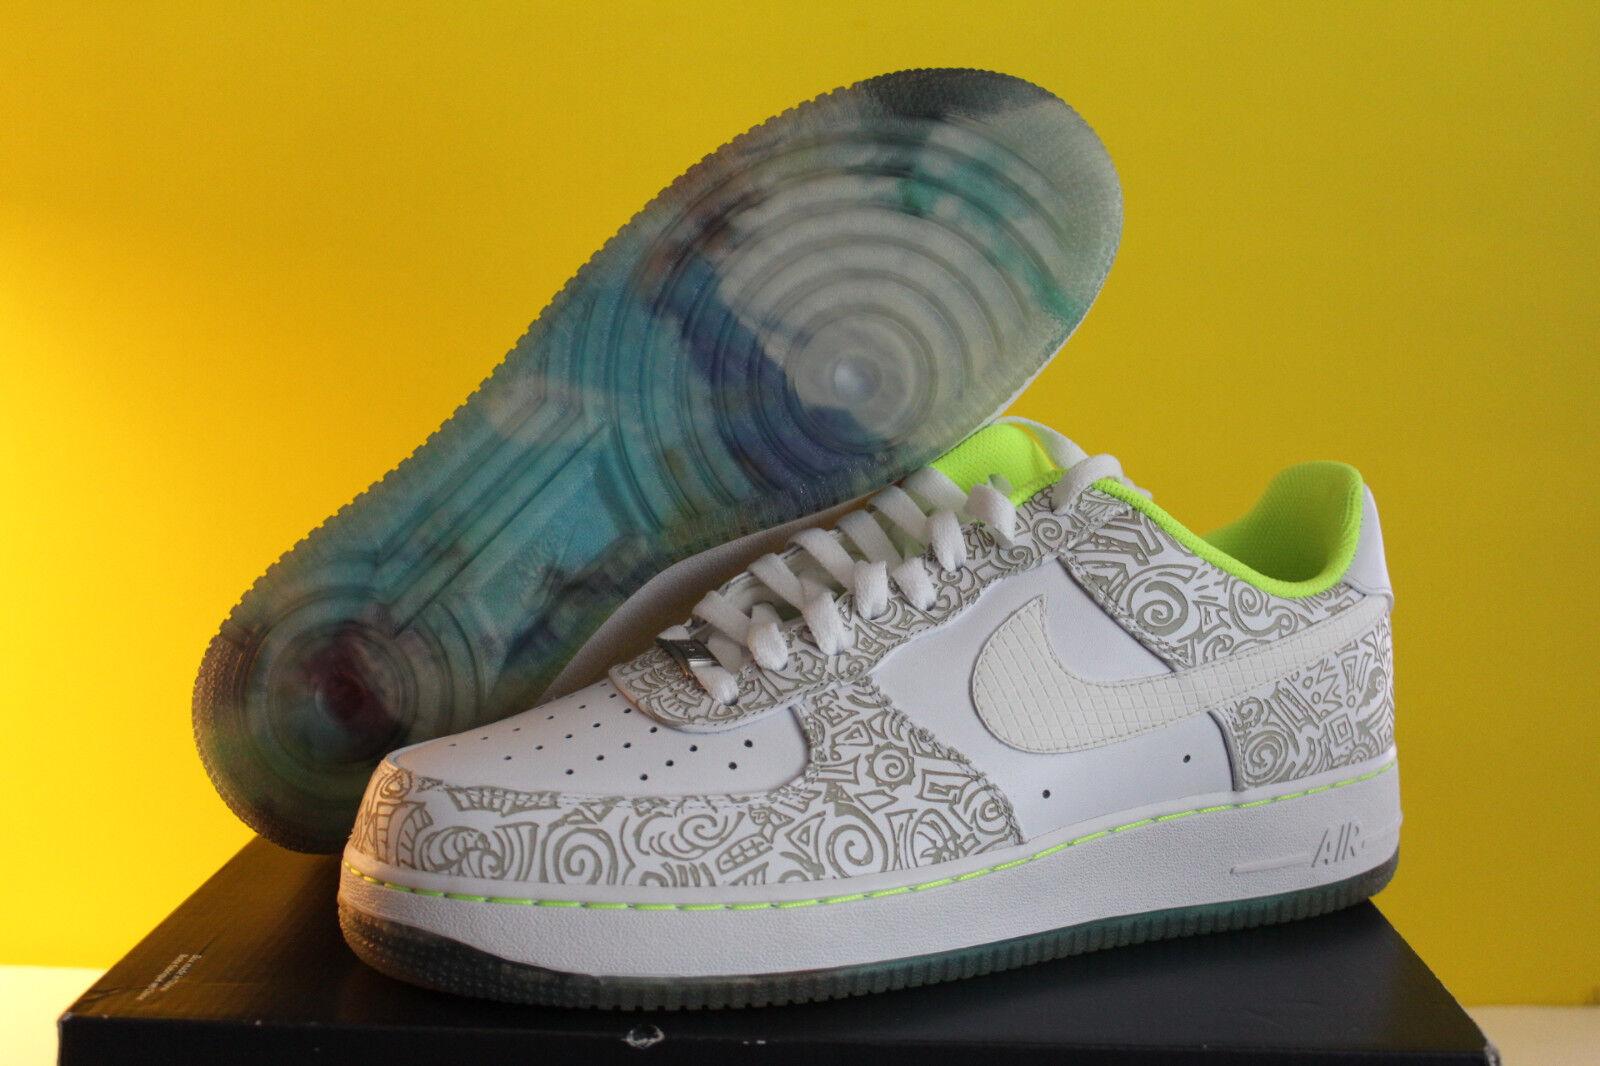 Nike air max 90 ns gpx Uomo Uomo Uomo taglia 10 aj7182 600, raggiante di nuovo in scatola ef785d